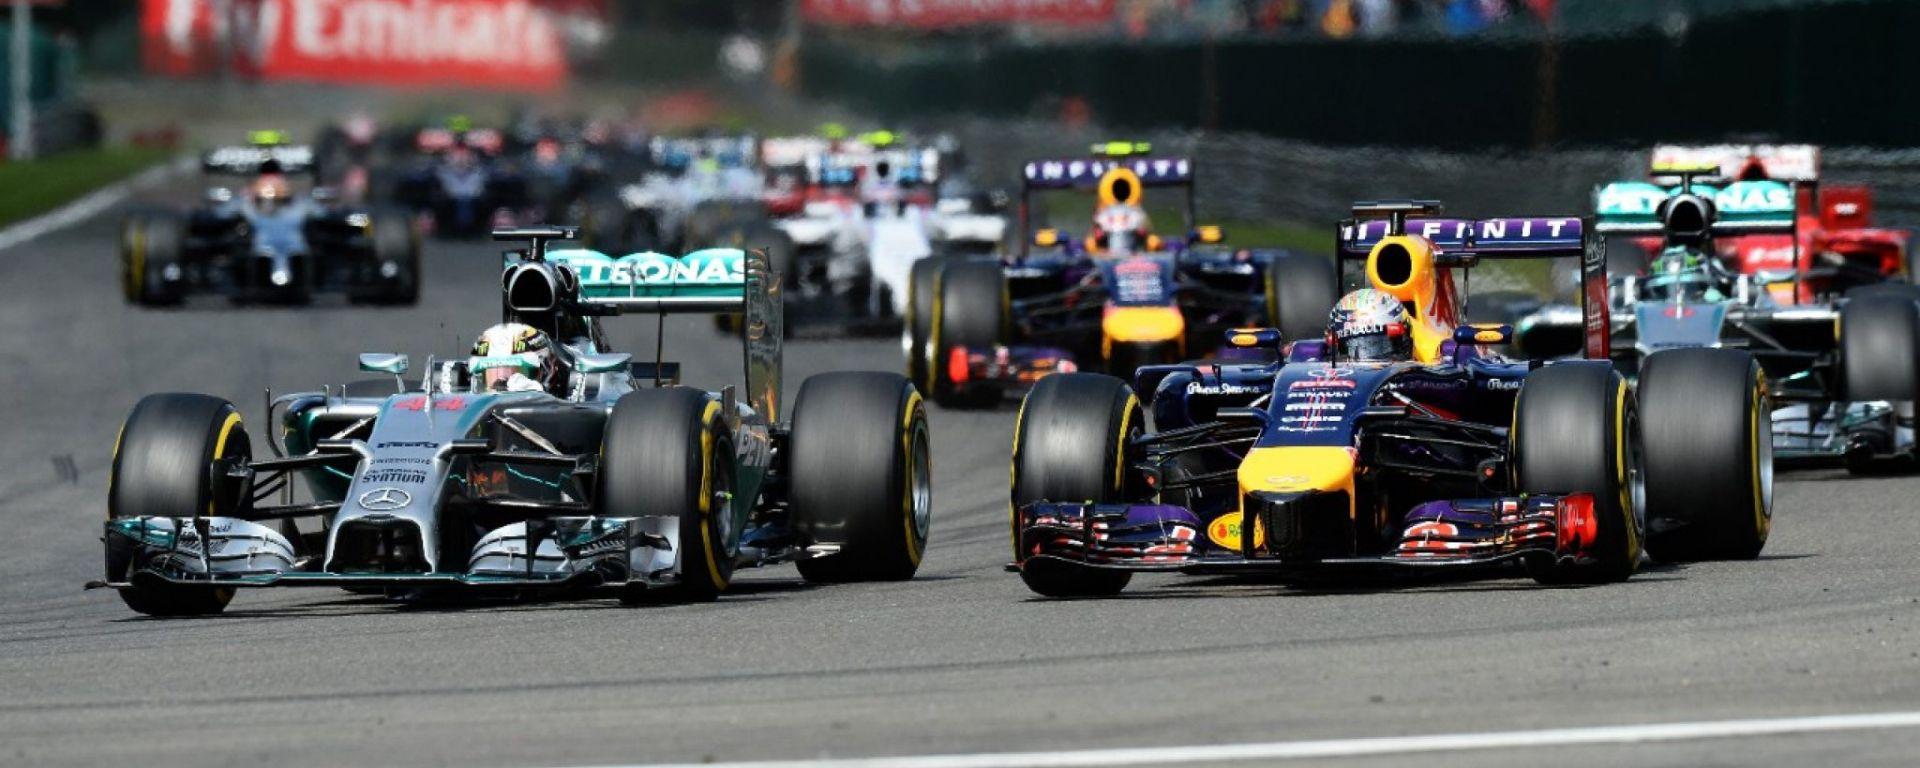 F1 2016 - Gran Premio del Belgio - Info e Risultati